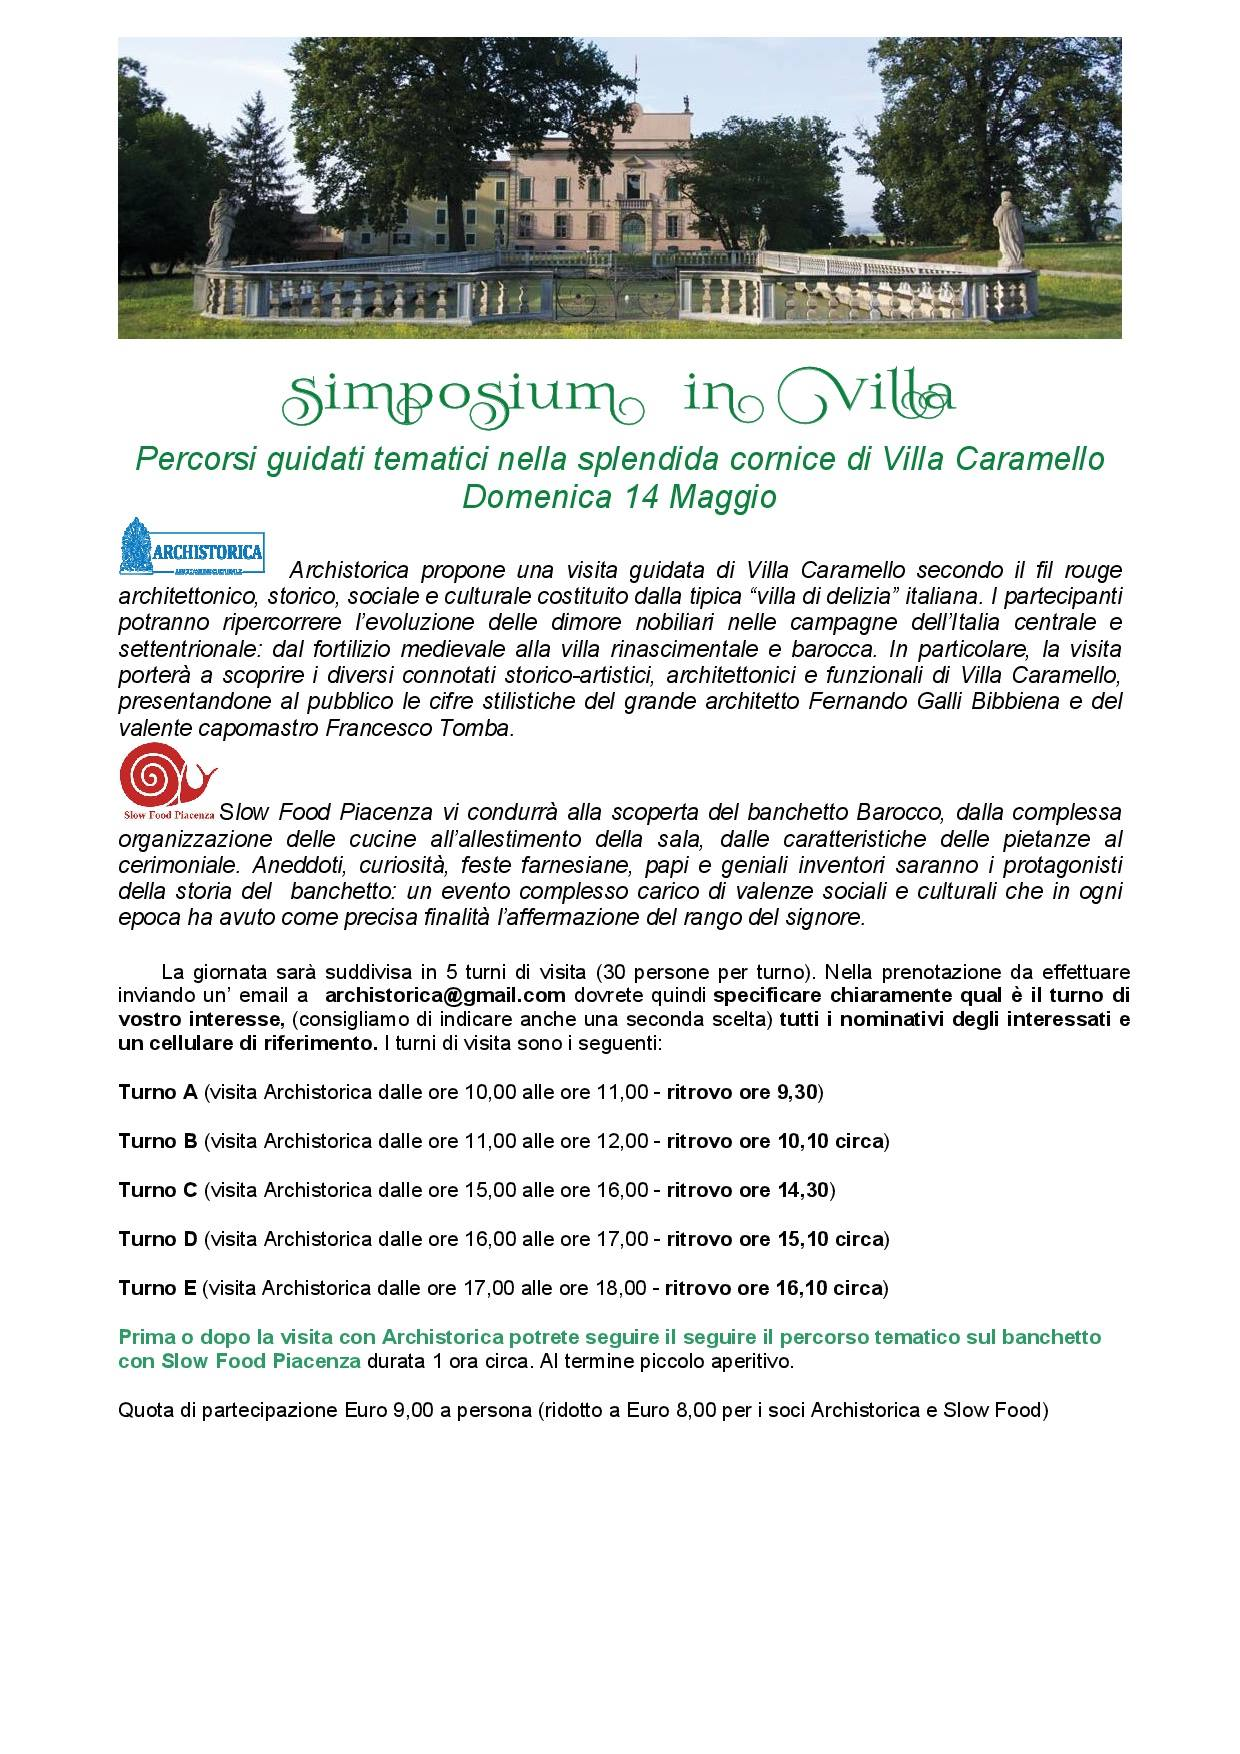 Slow Food Piacenza : symposium in villa